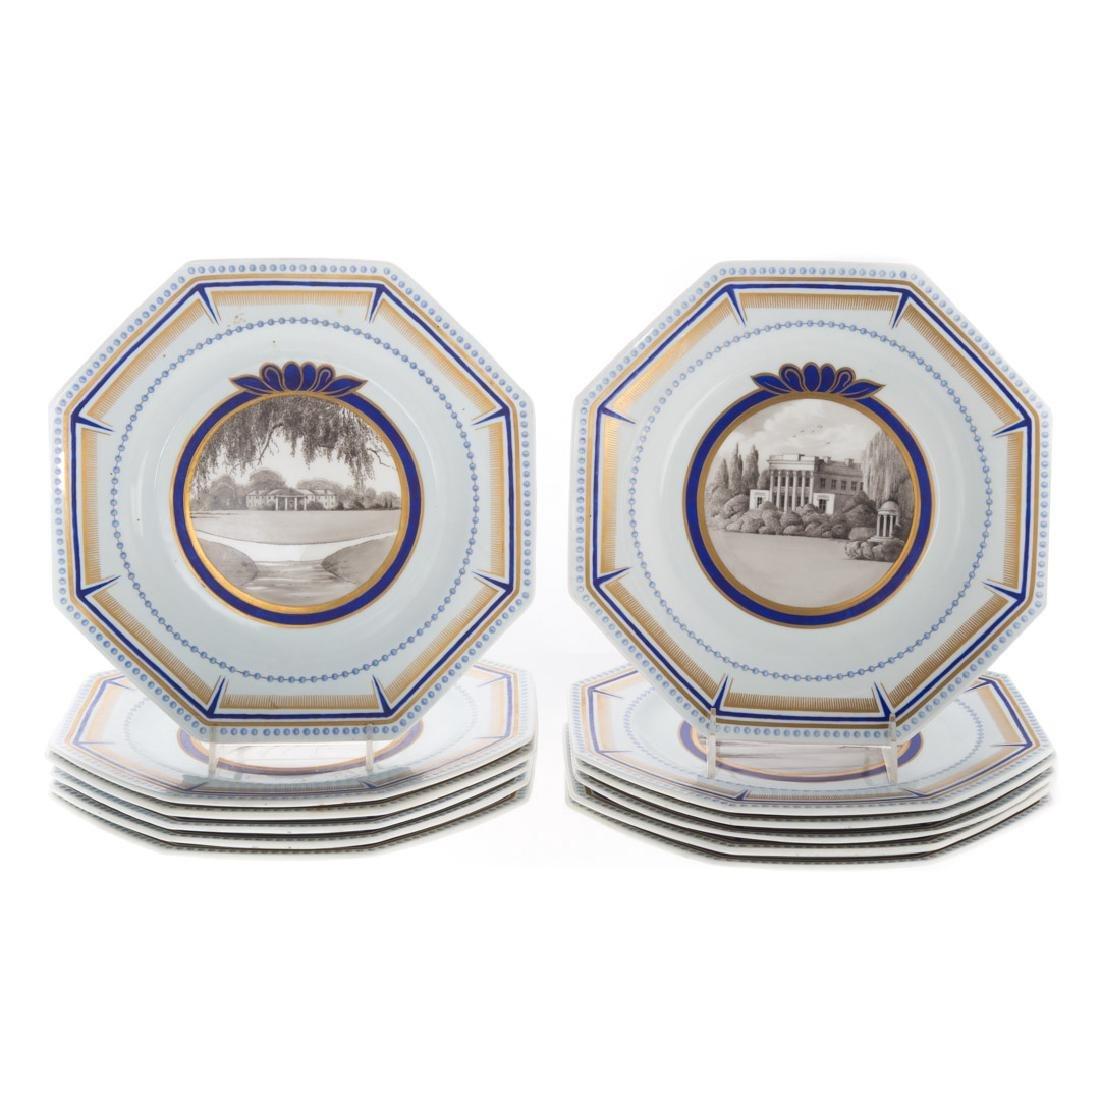 12 Wedgwood Isabel Marshall plates